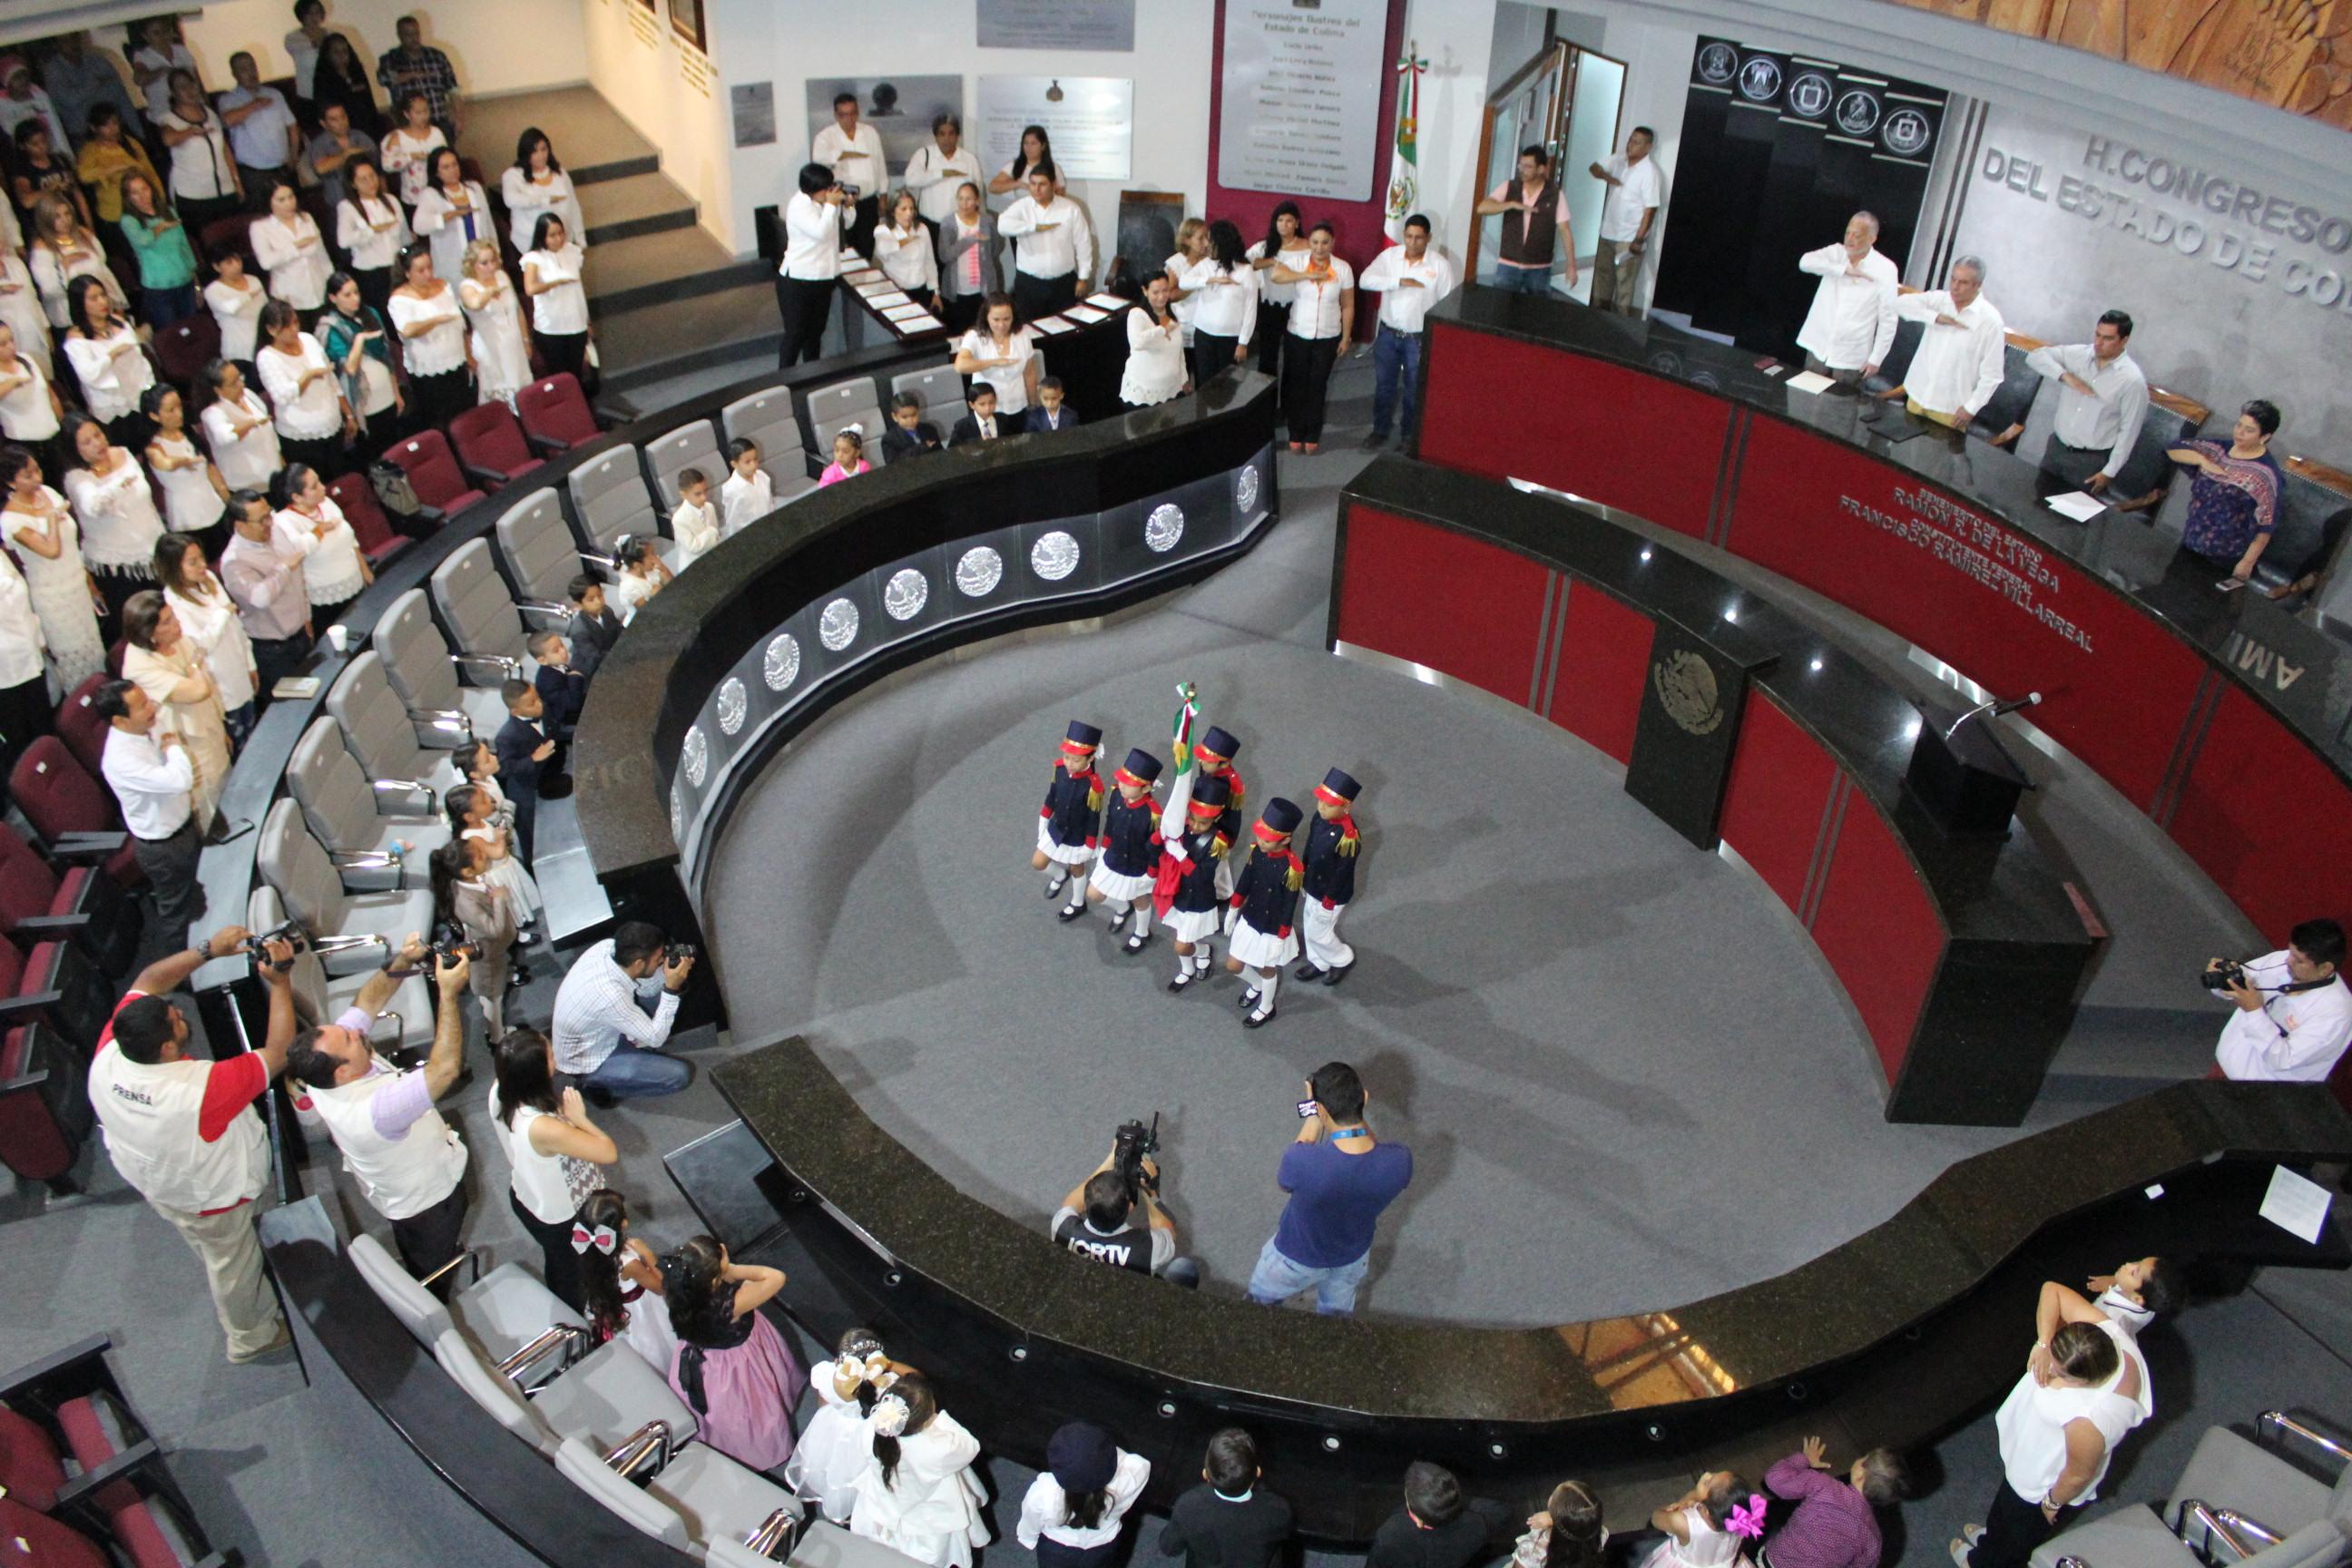 Que gobiernos luchen contra la violencia, piden niños en Parlamento de Preescolar